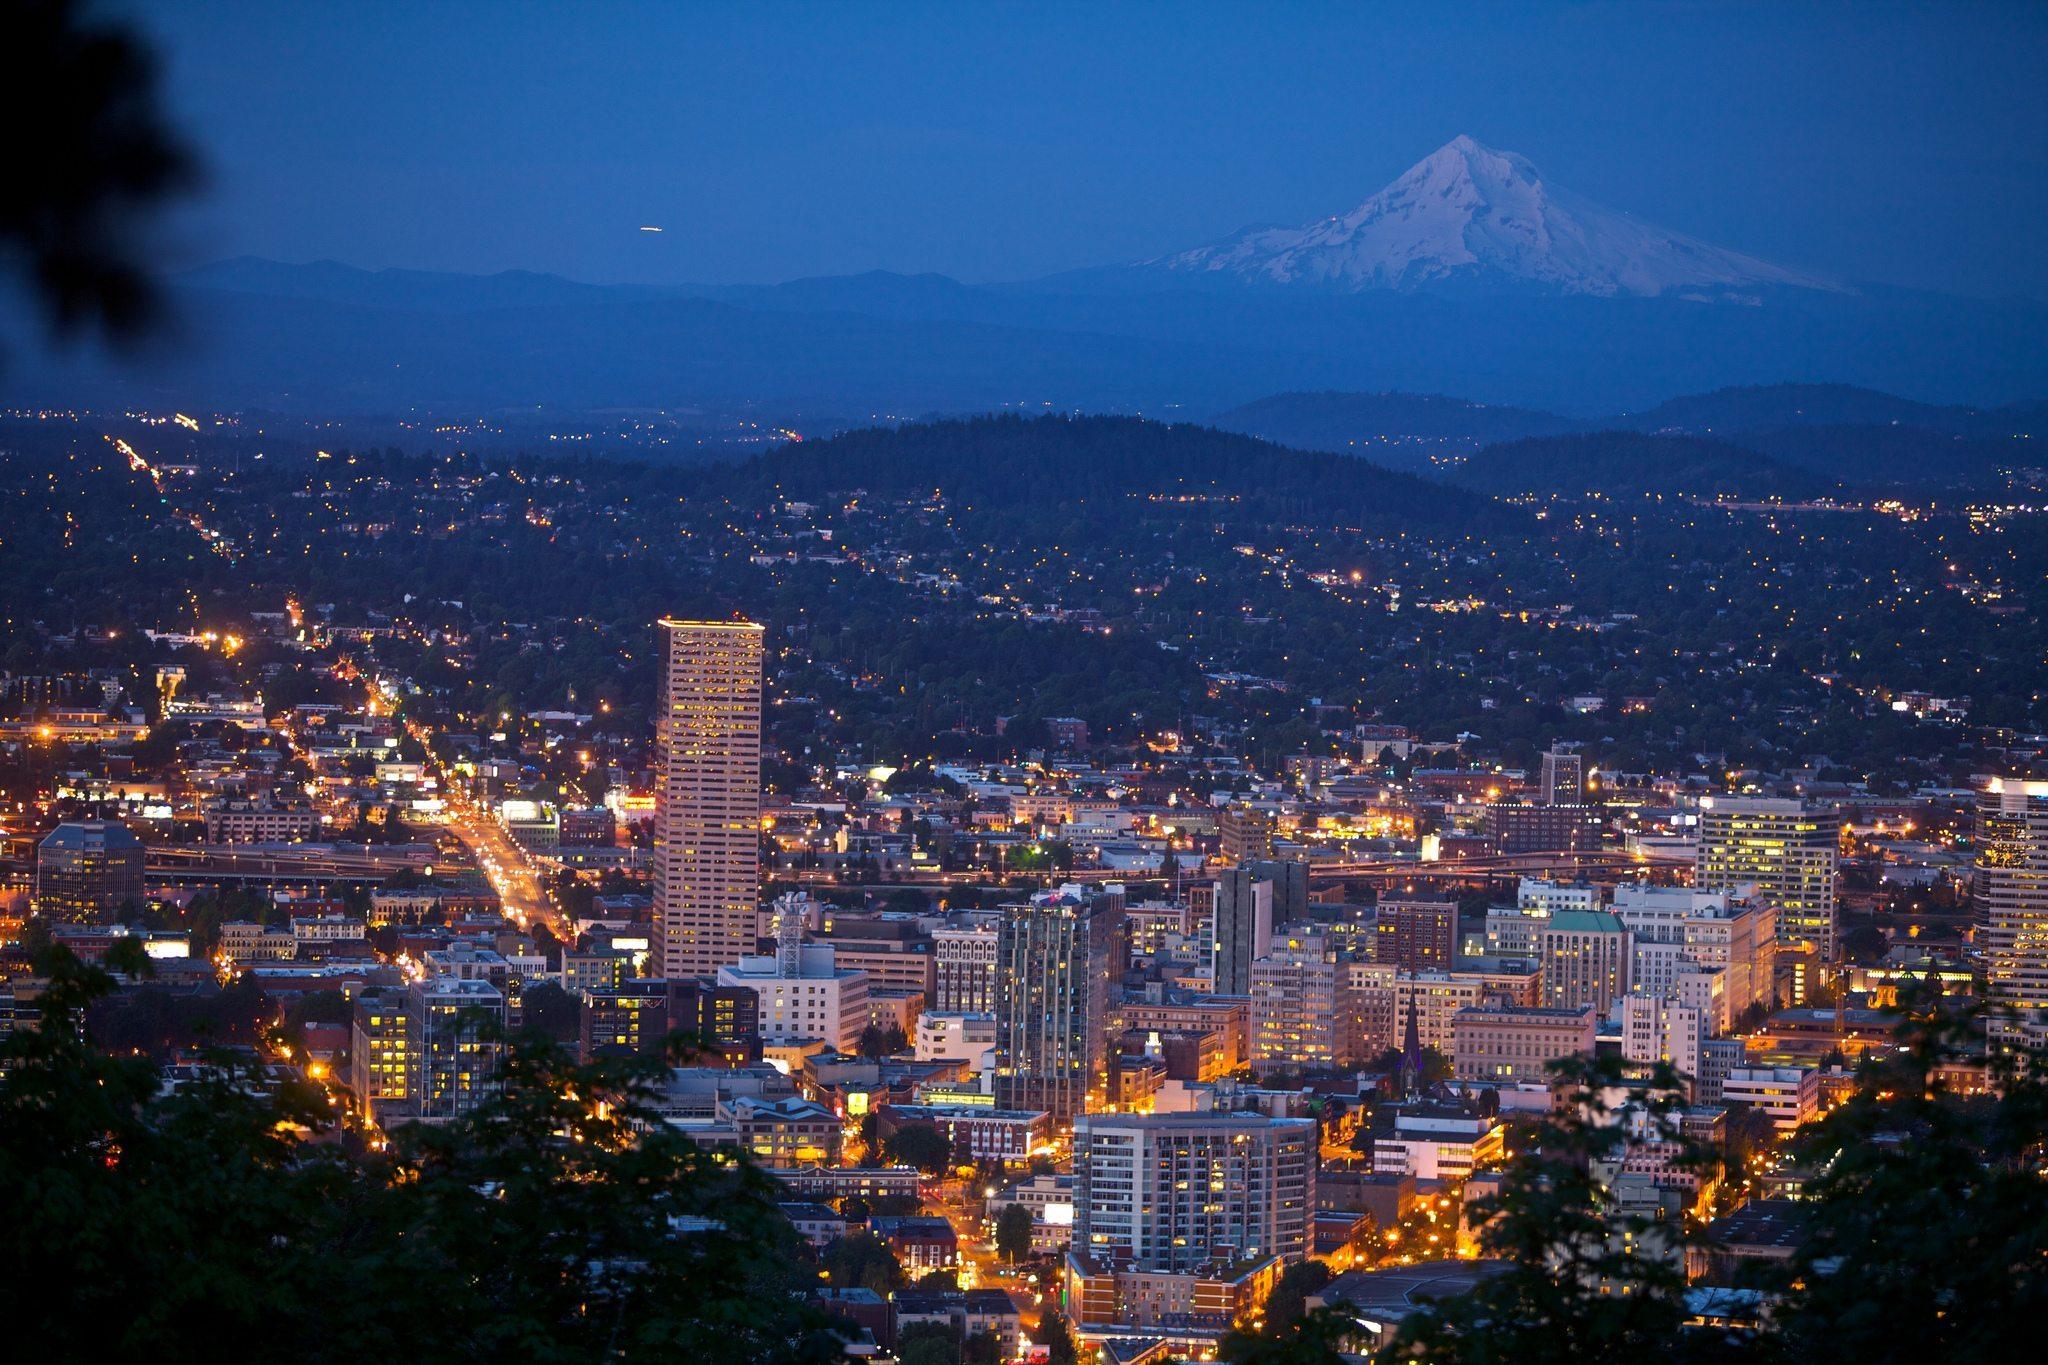 Et kig ud over Portland i delstaten Oregon.